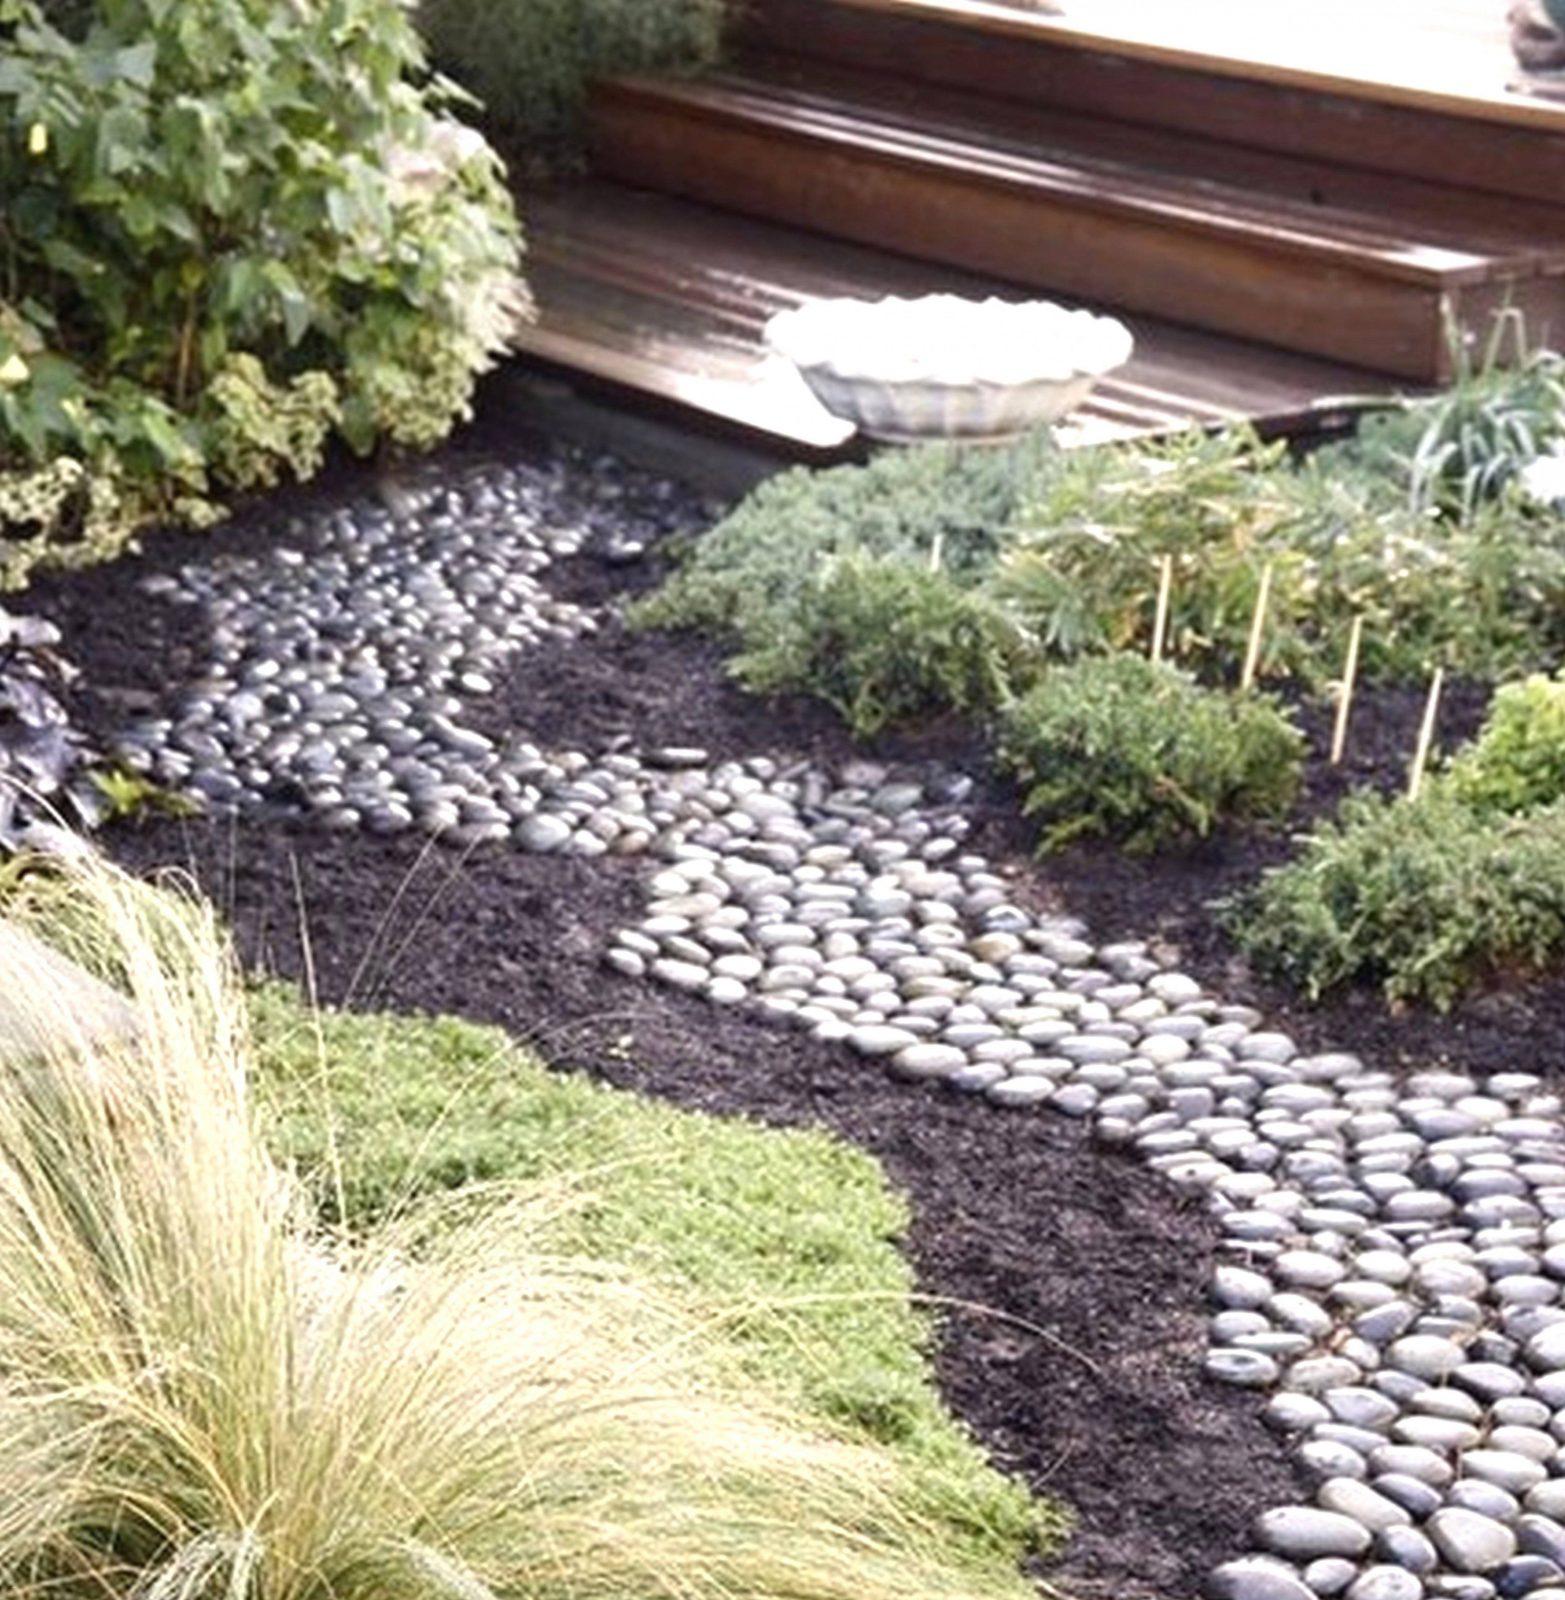 Garten Mit Steinen Gestalten Luxus Einzigartig Vorgarten Steinen von Garten Mit Steinen Gestalten Photo